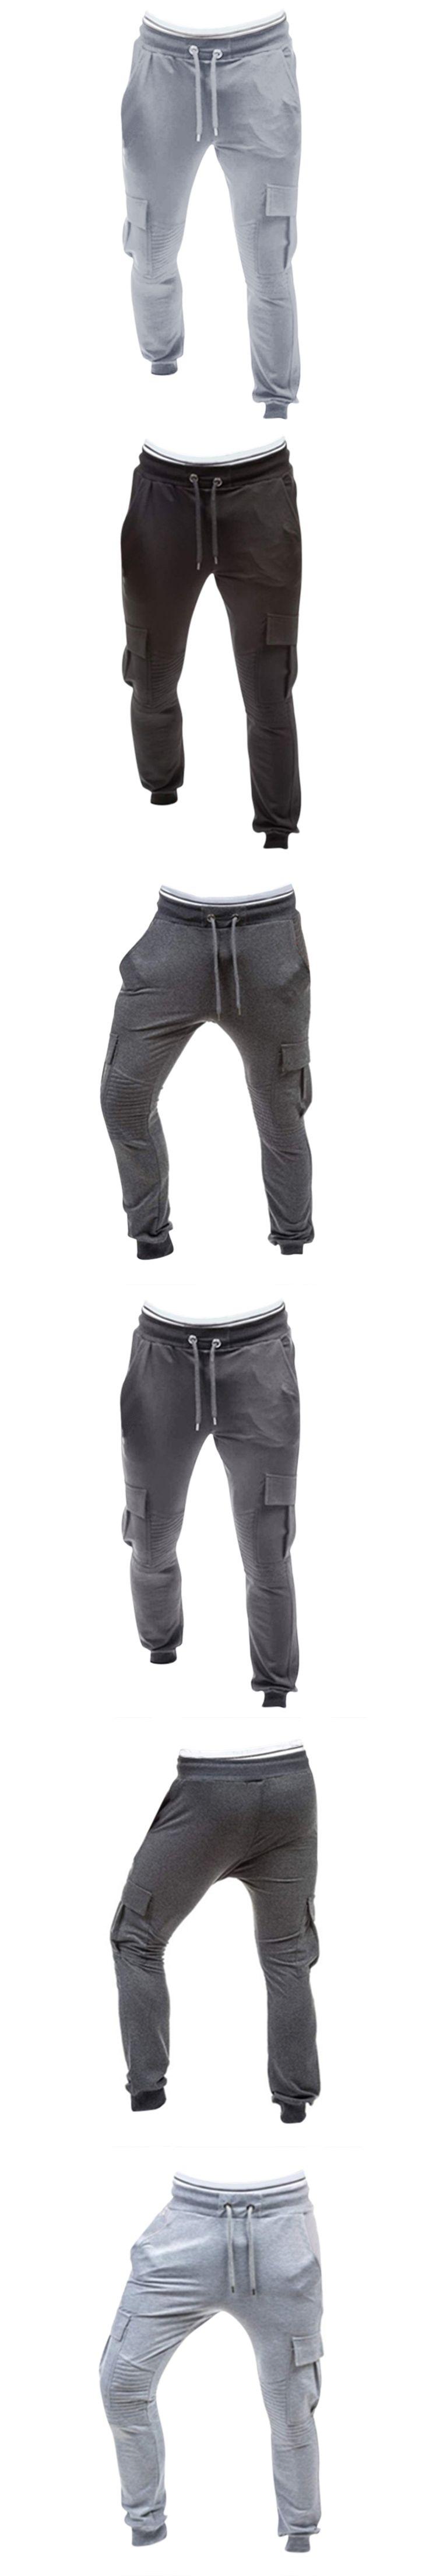 Men Pants Autumn Spring Fashion Sweatpants Sportswear Casual Harem Pants Solid Hip Pop Workout Long Trousers Plus Size 3XL 2018